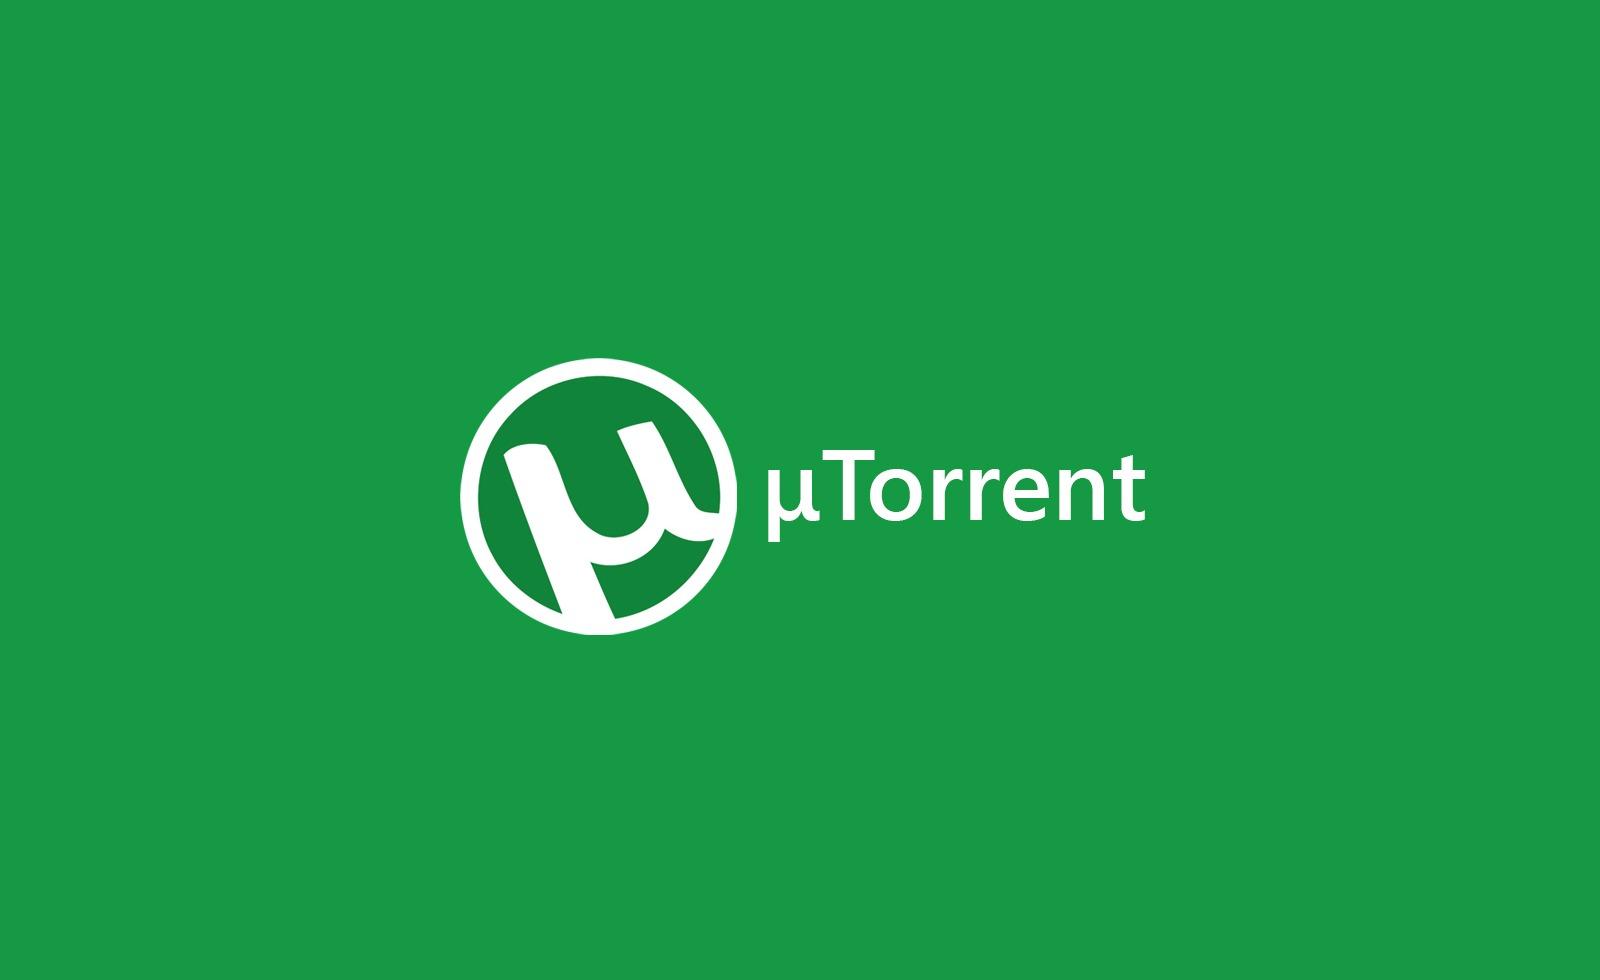 Le rachat de uTorrent par un site de cryptomonnaie ne change rien